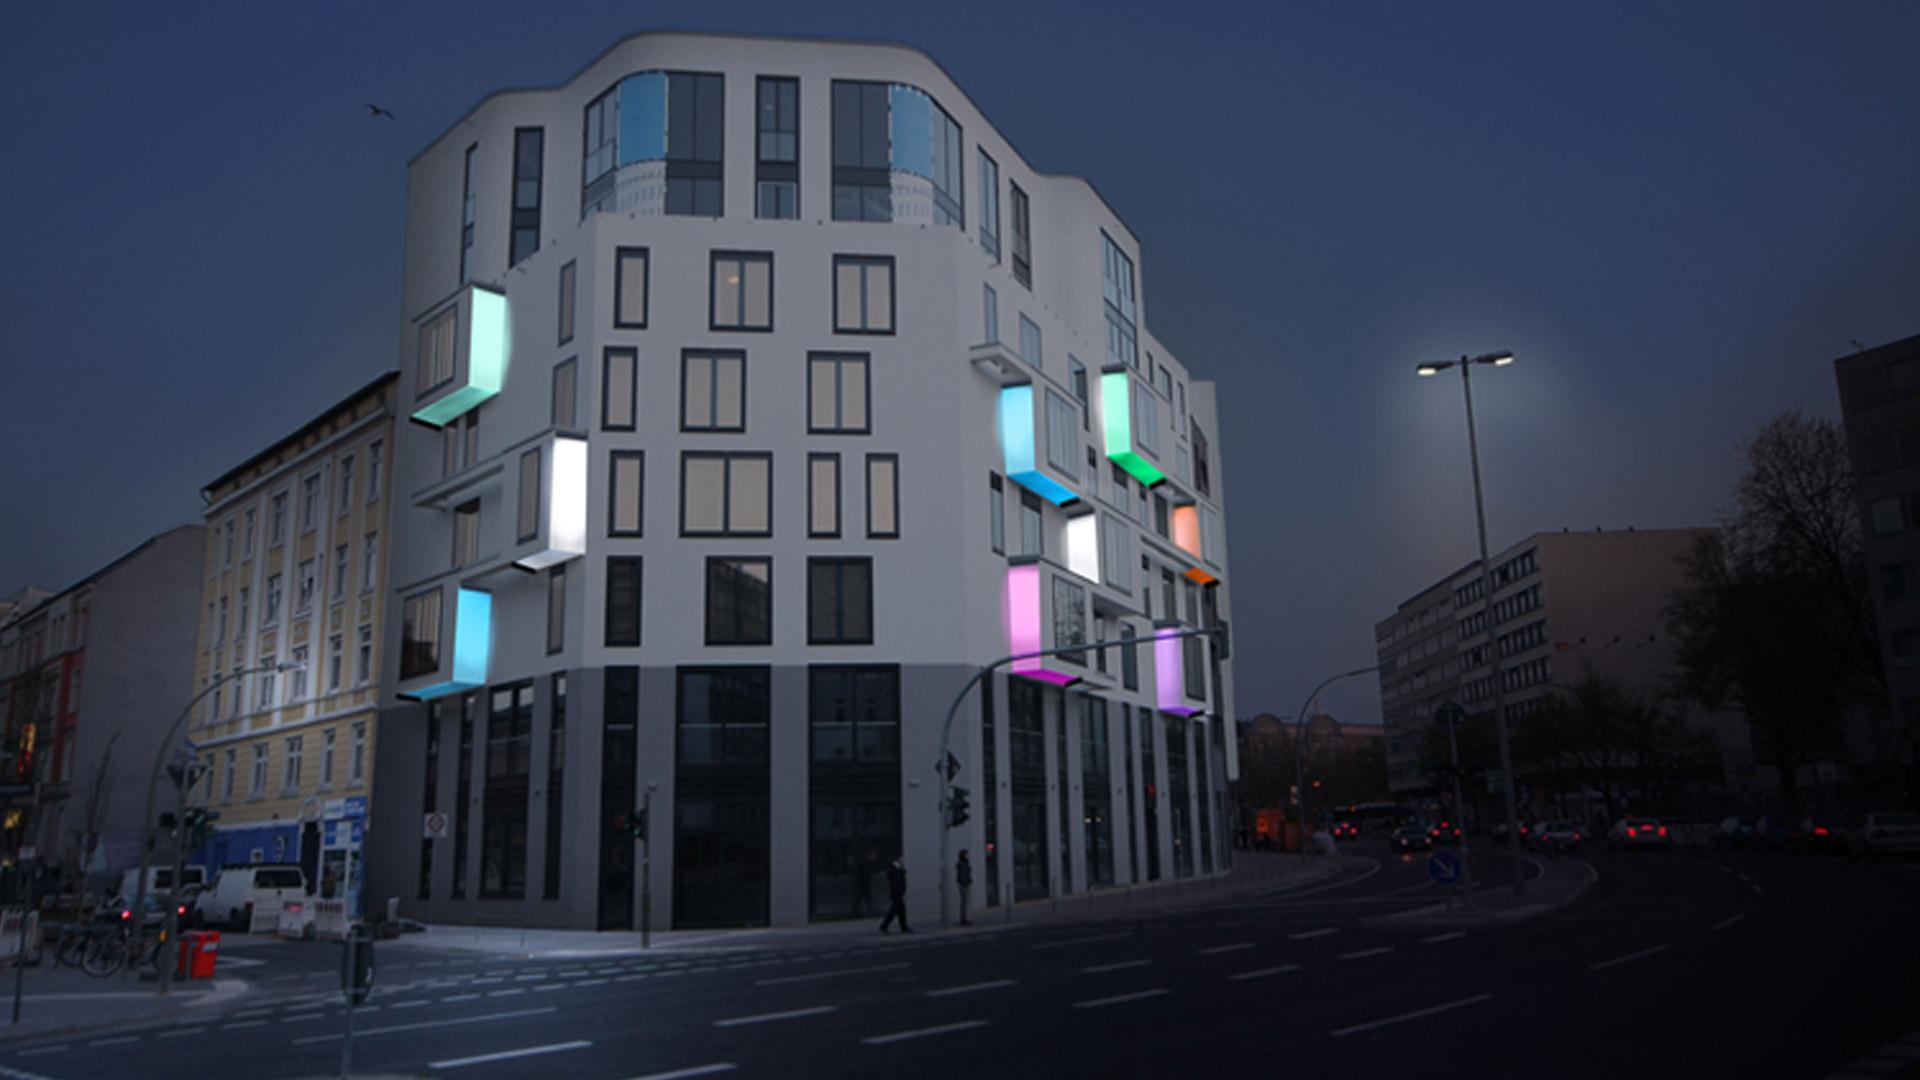 MAASS-Lichtplanung_Fassadenbeleuchtung Steinkreuzquartier in Hamburg__MAASS-Fassadenbeleuchtung-Steinkreuzquartier-004